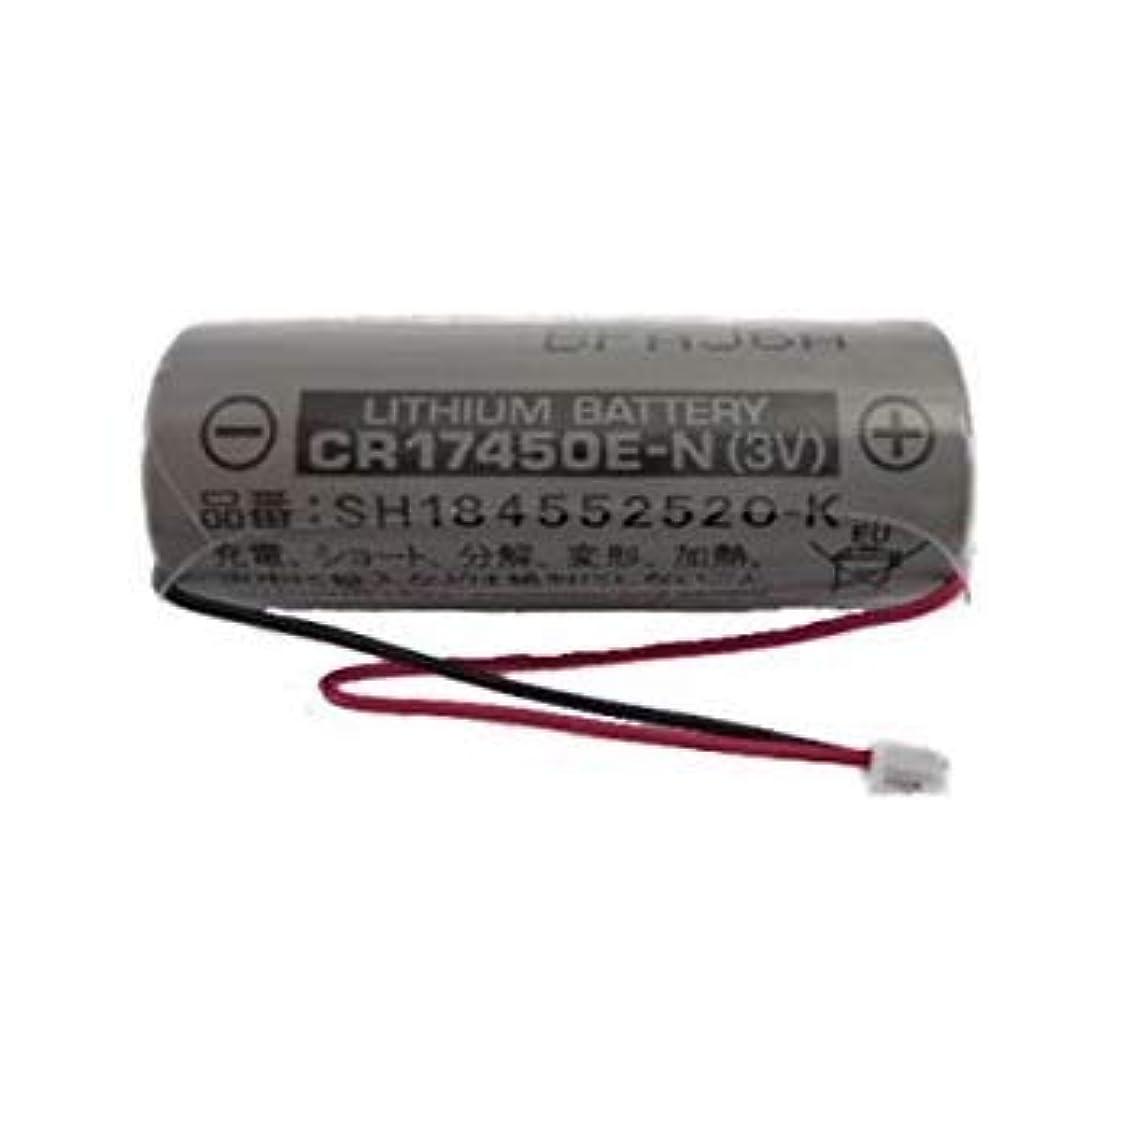 ラップ元気な暴露【在庫】パナソニック Panasonic 専用リチウム電池 住宅火災警報器 交換用電池 SH184552520-K (SH184552520後継品)